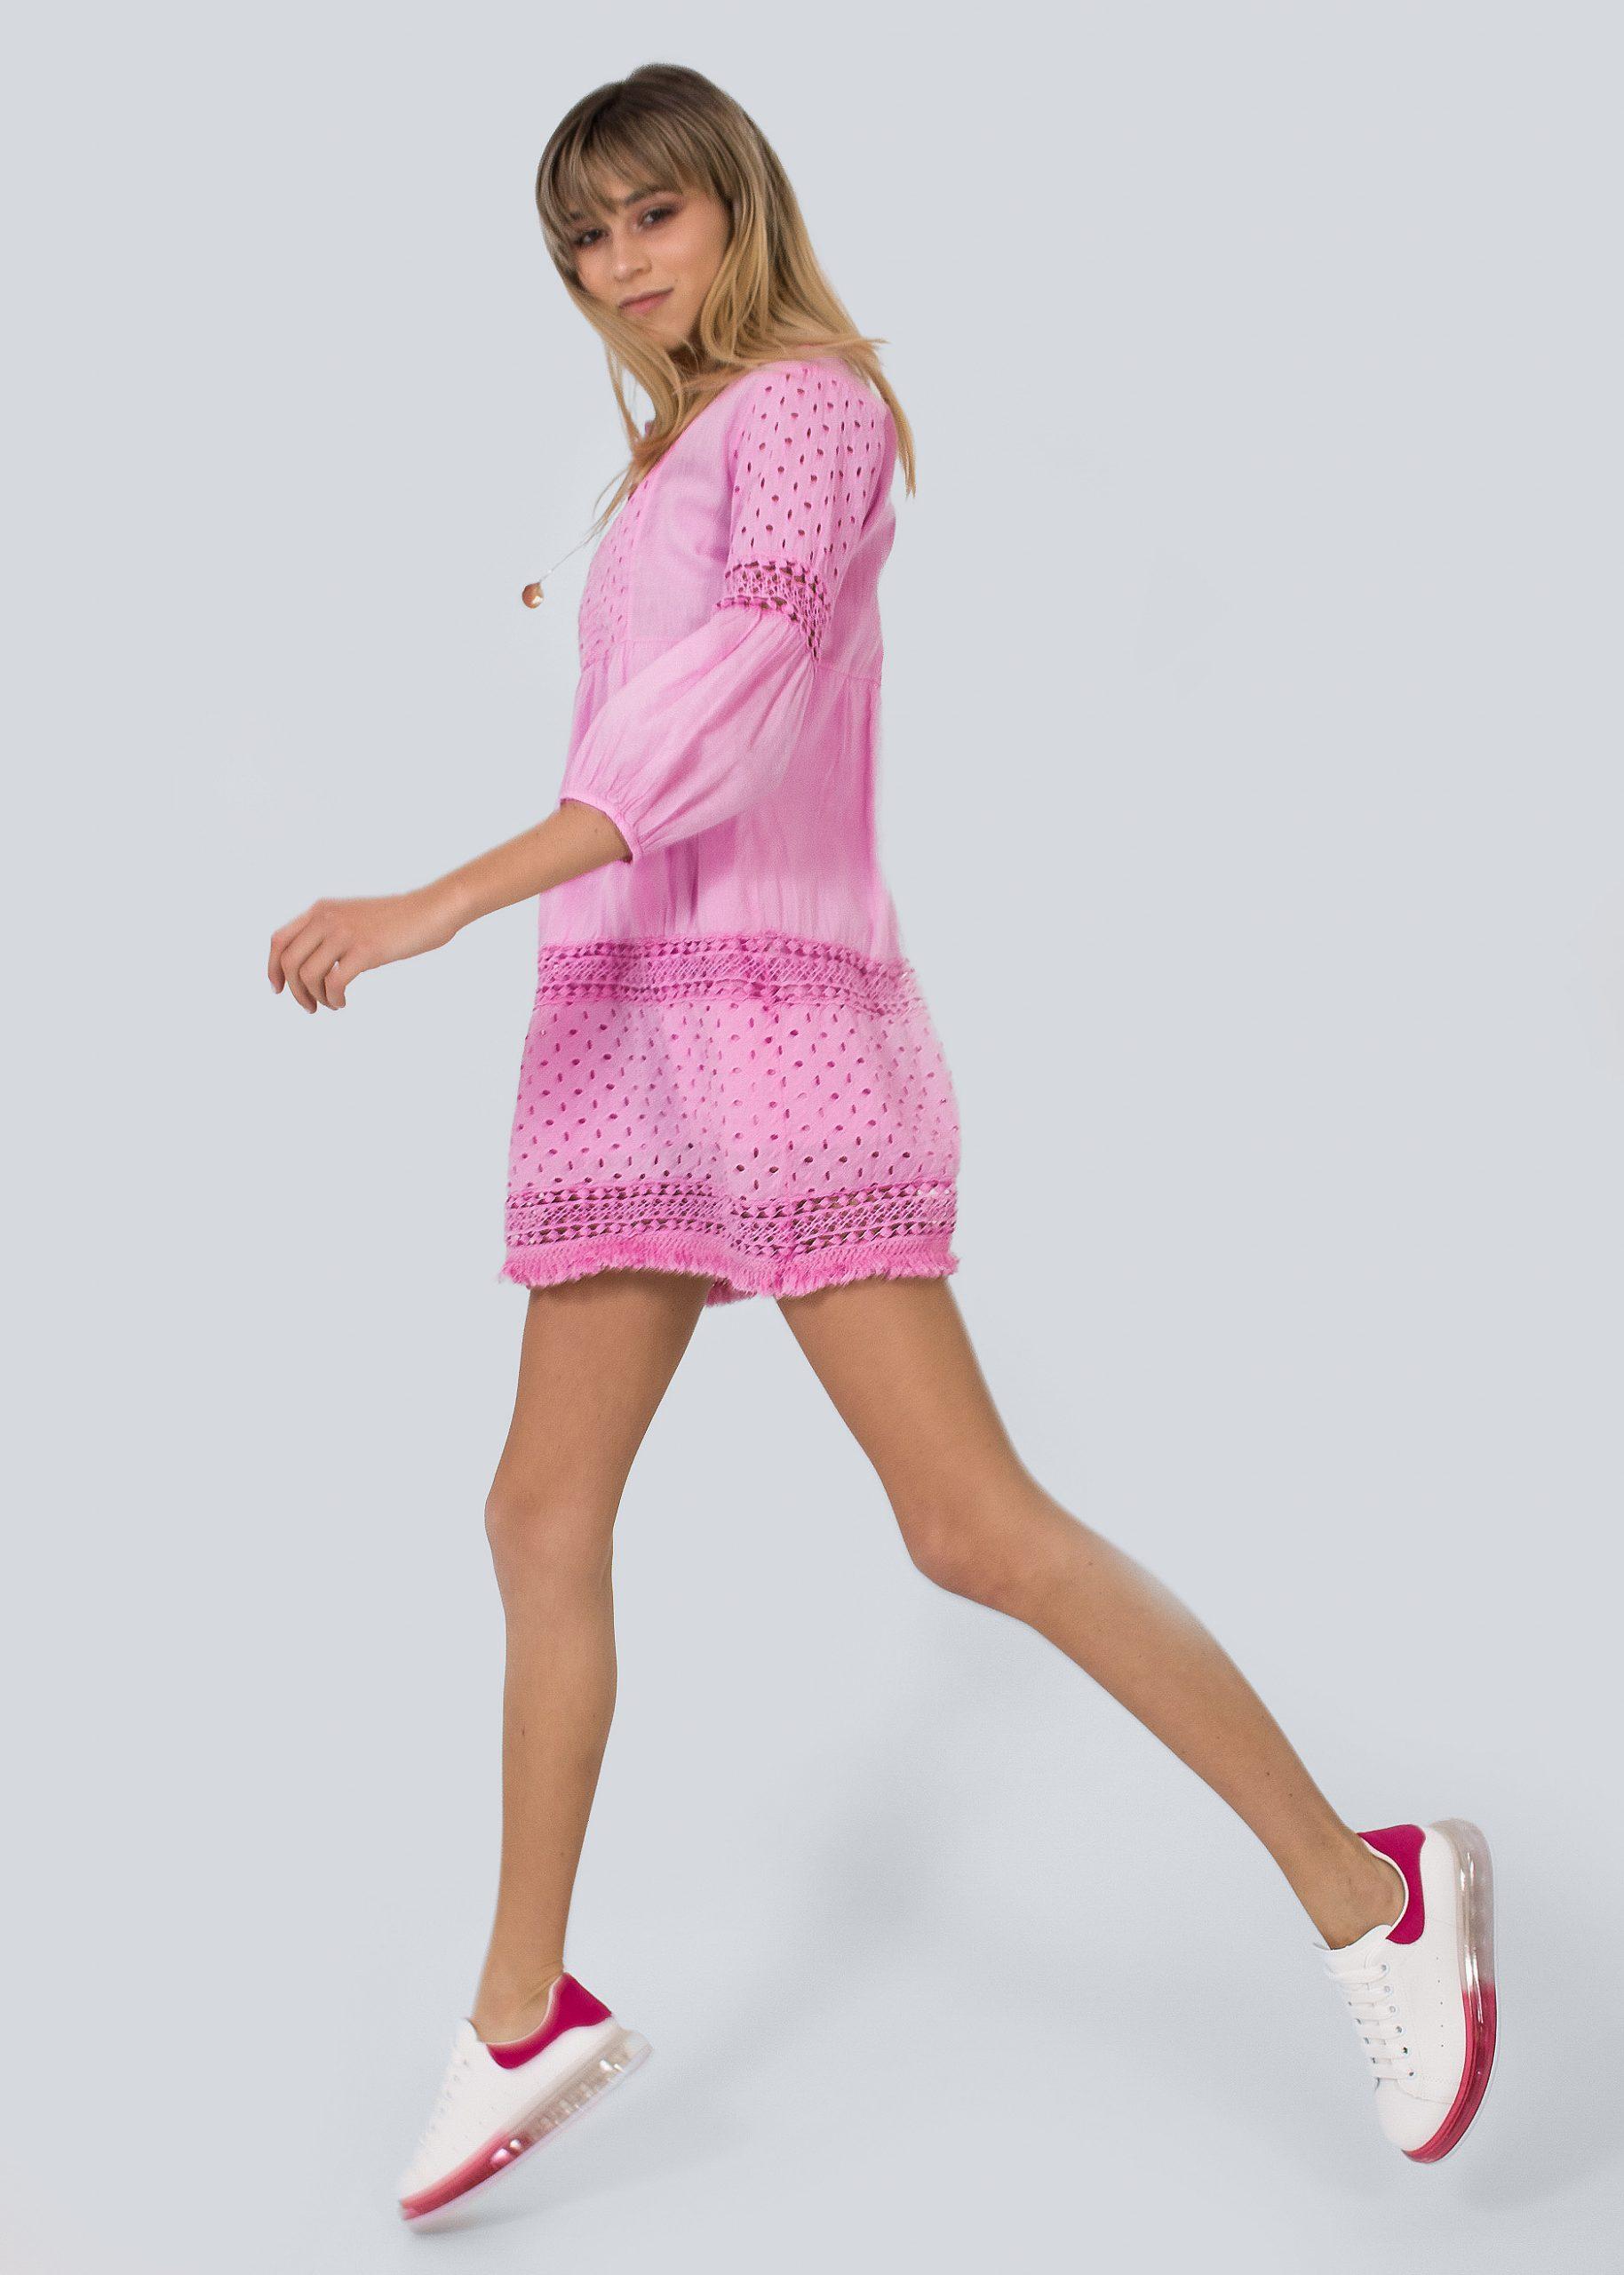 Baumwollkleid Mit Spitze Pink  Kleider  Bekleidung